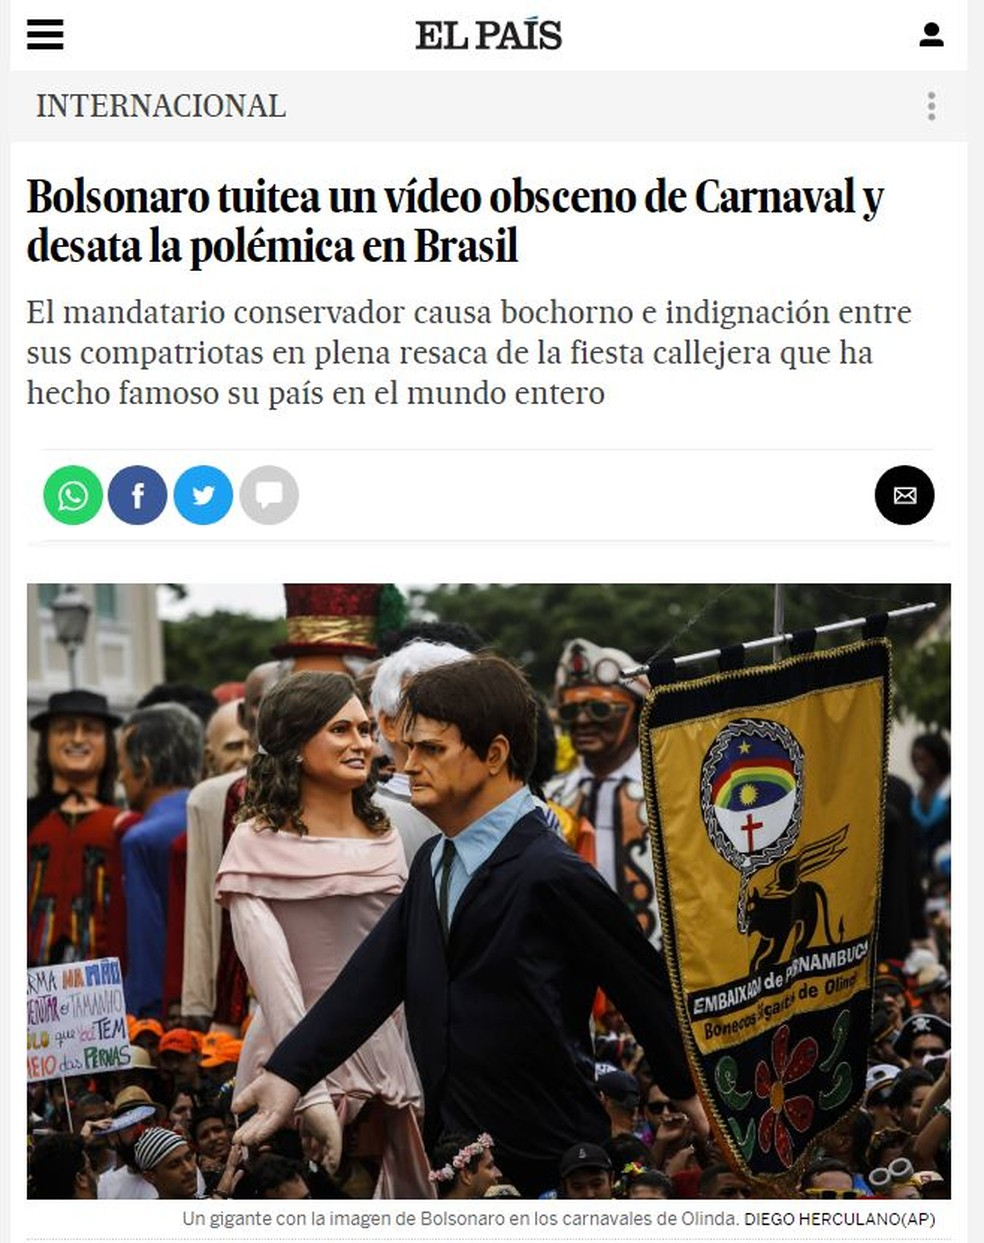 Jornal El País noticia comentários de Bolsonaro no Twitter — Foto: Reprodução/El País